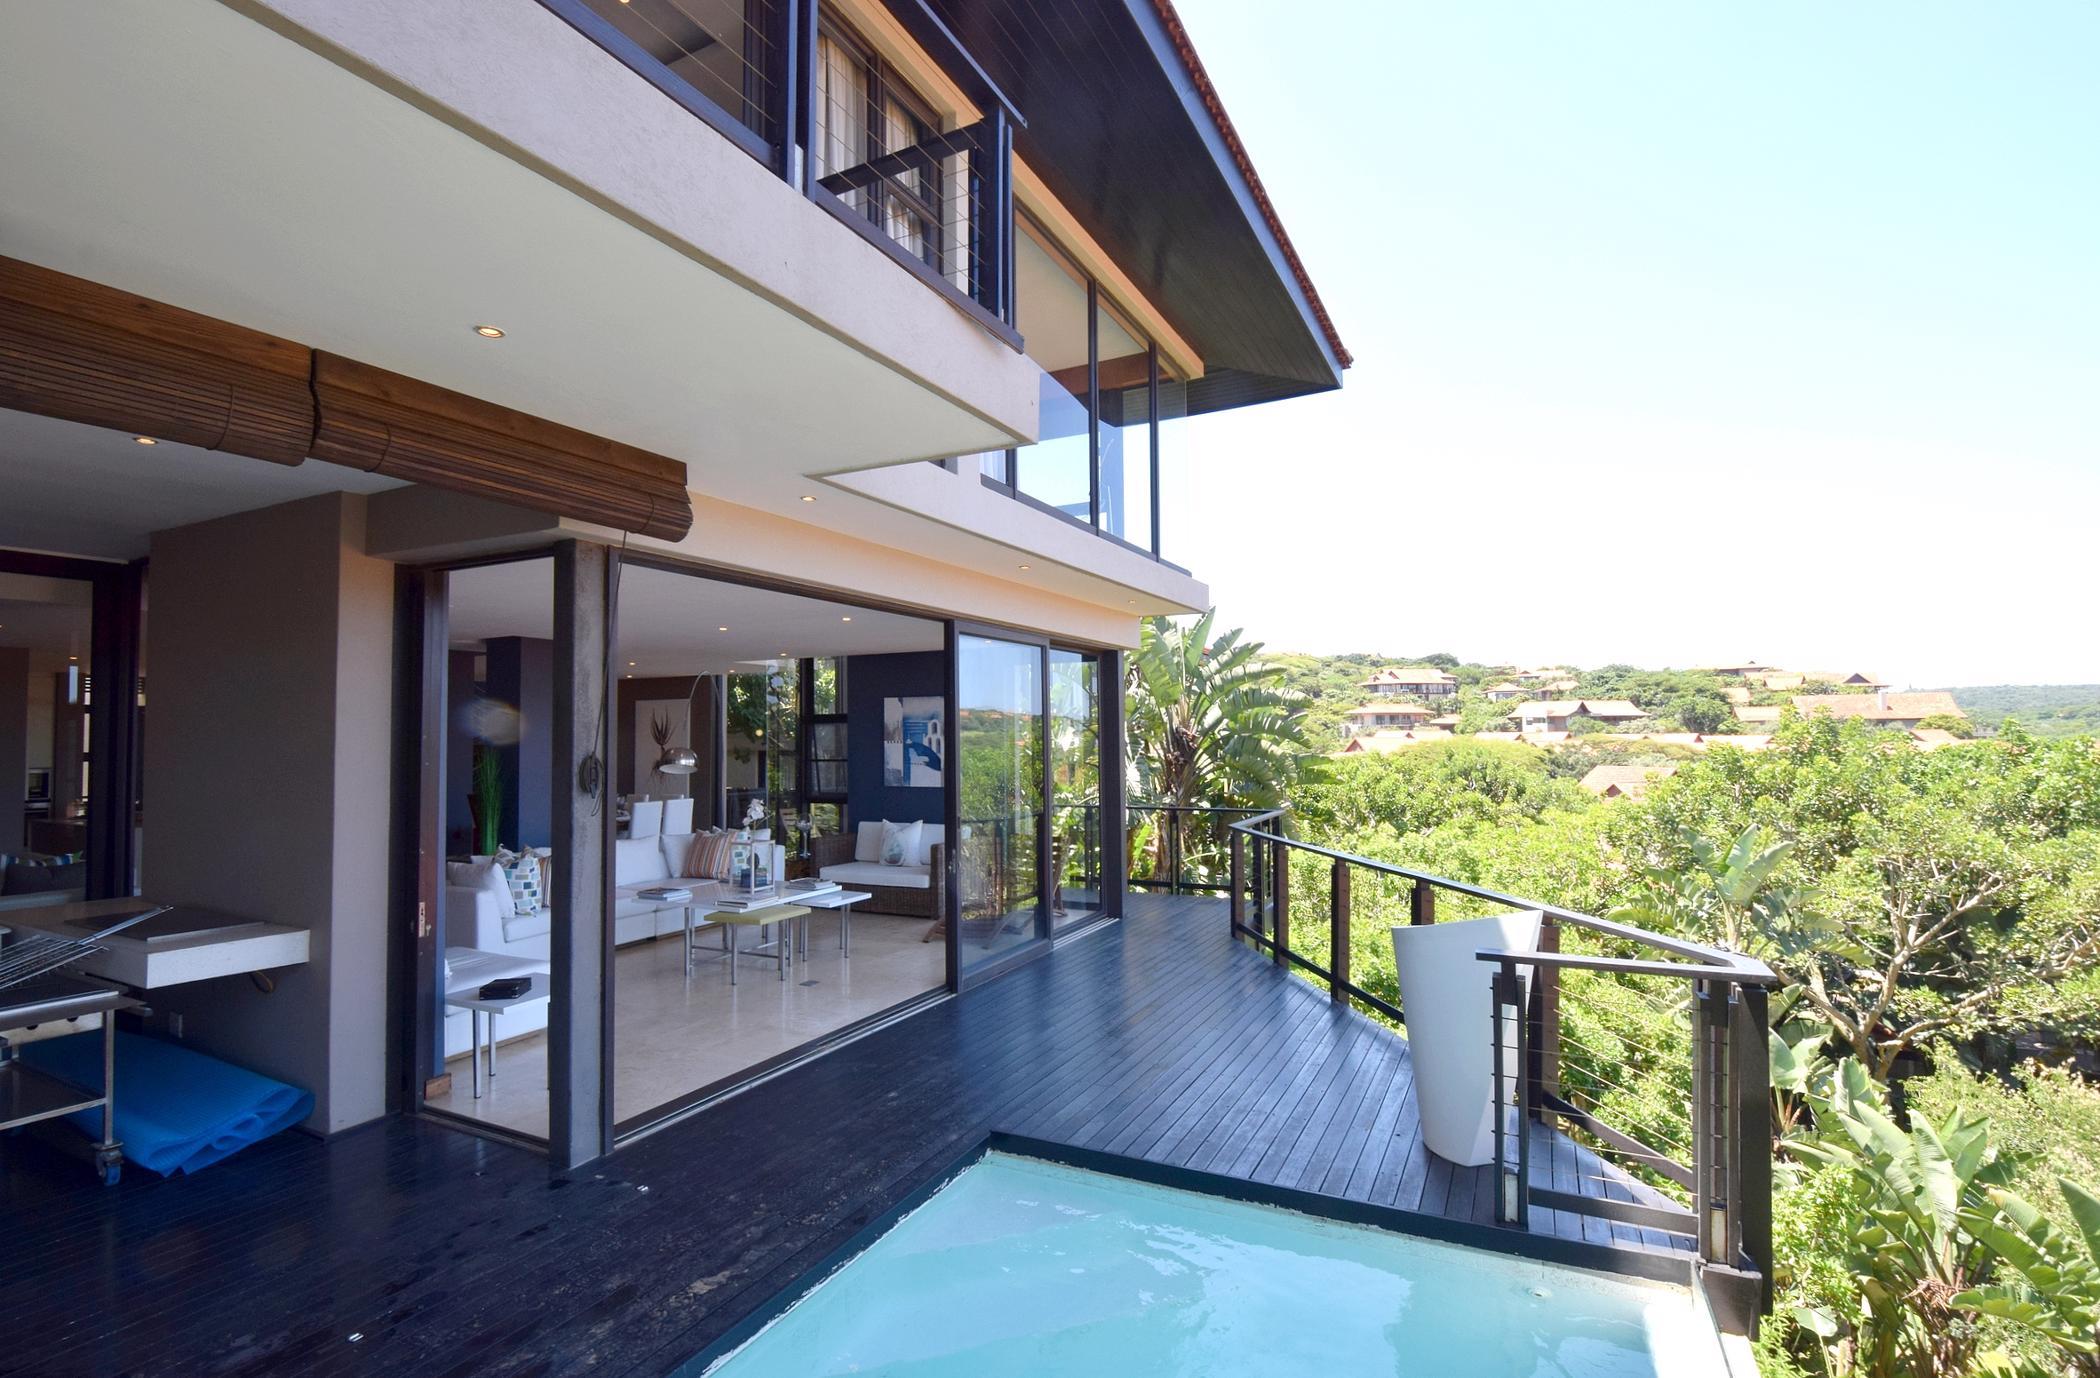 5 bedroom townhouse for sale in Zimbali Coastal Resort